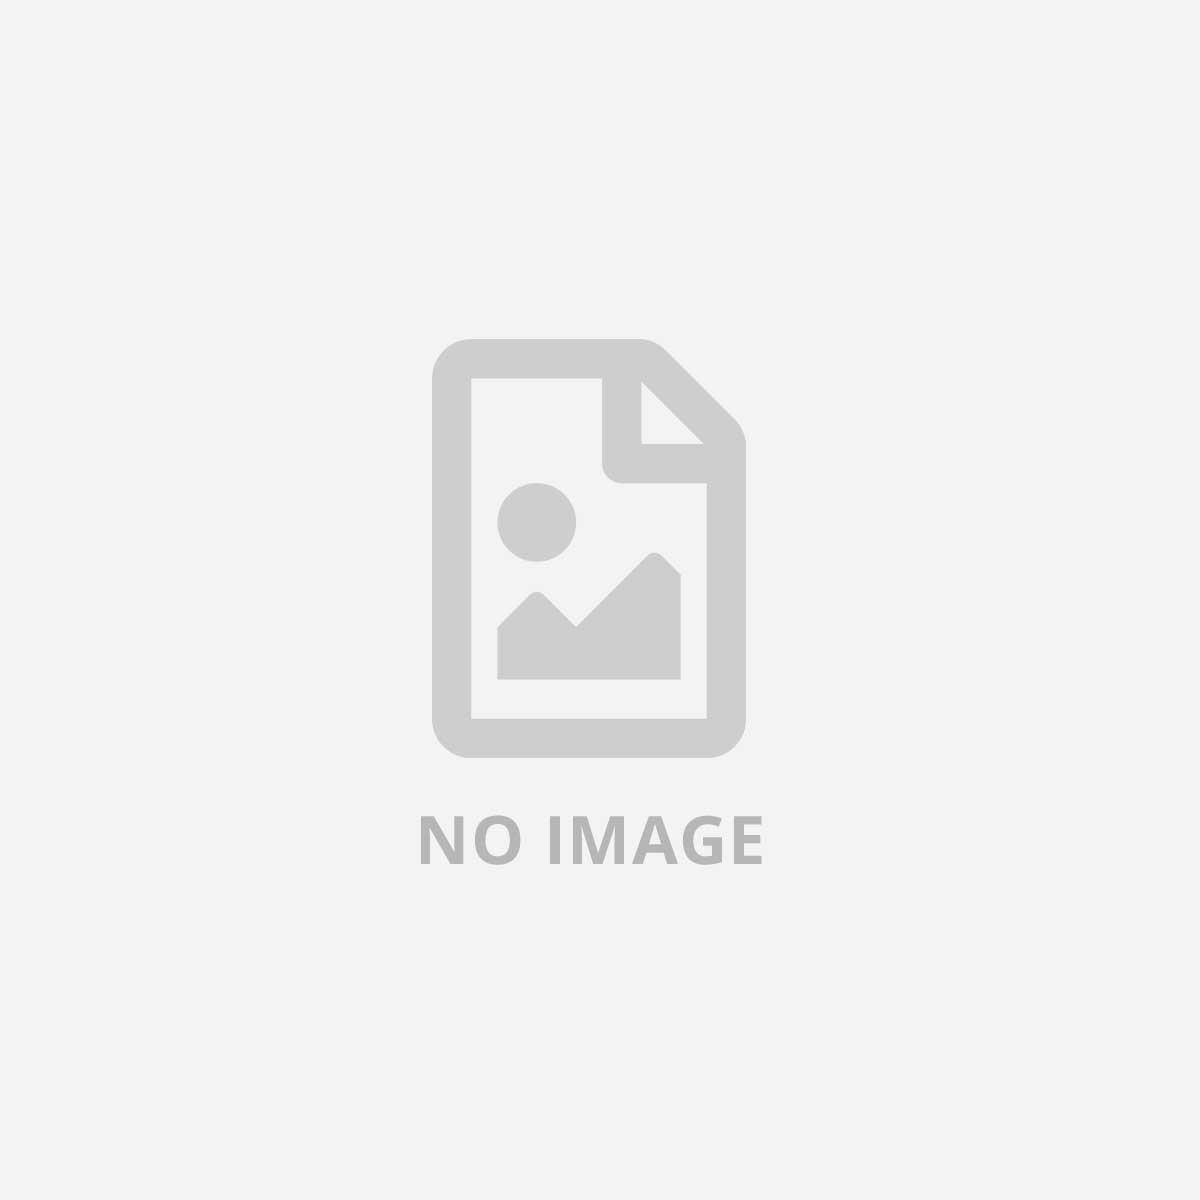 CANON COPRIORIG. IR 2525/2530